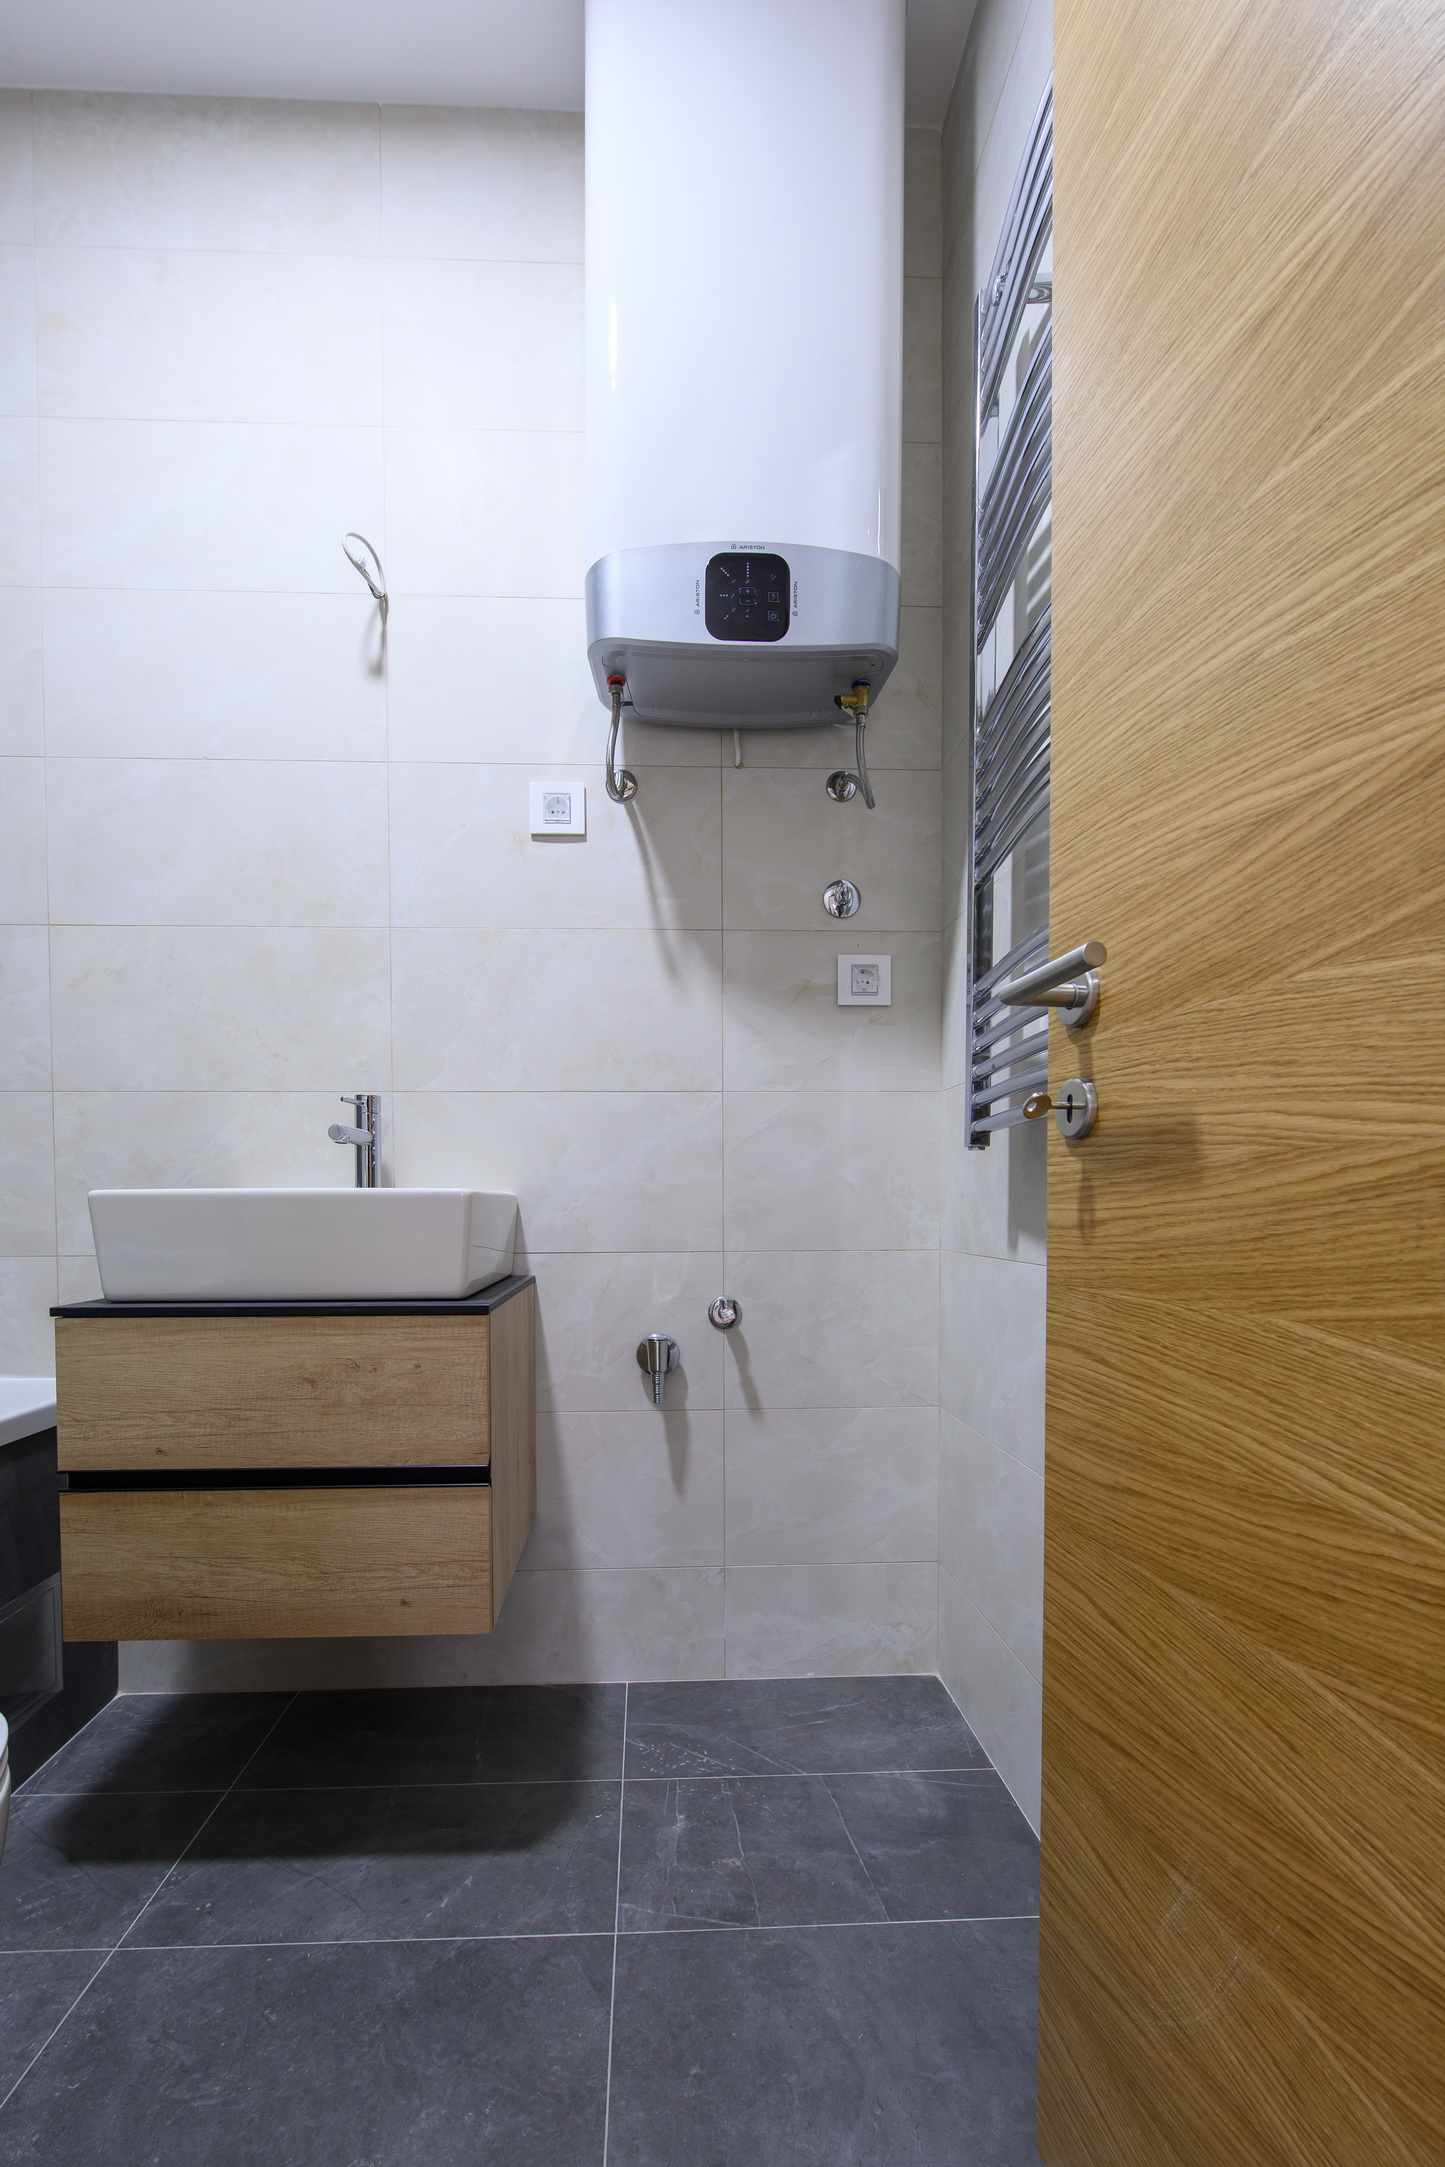 kupatilo-3.jpg